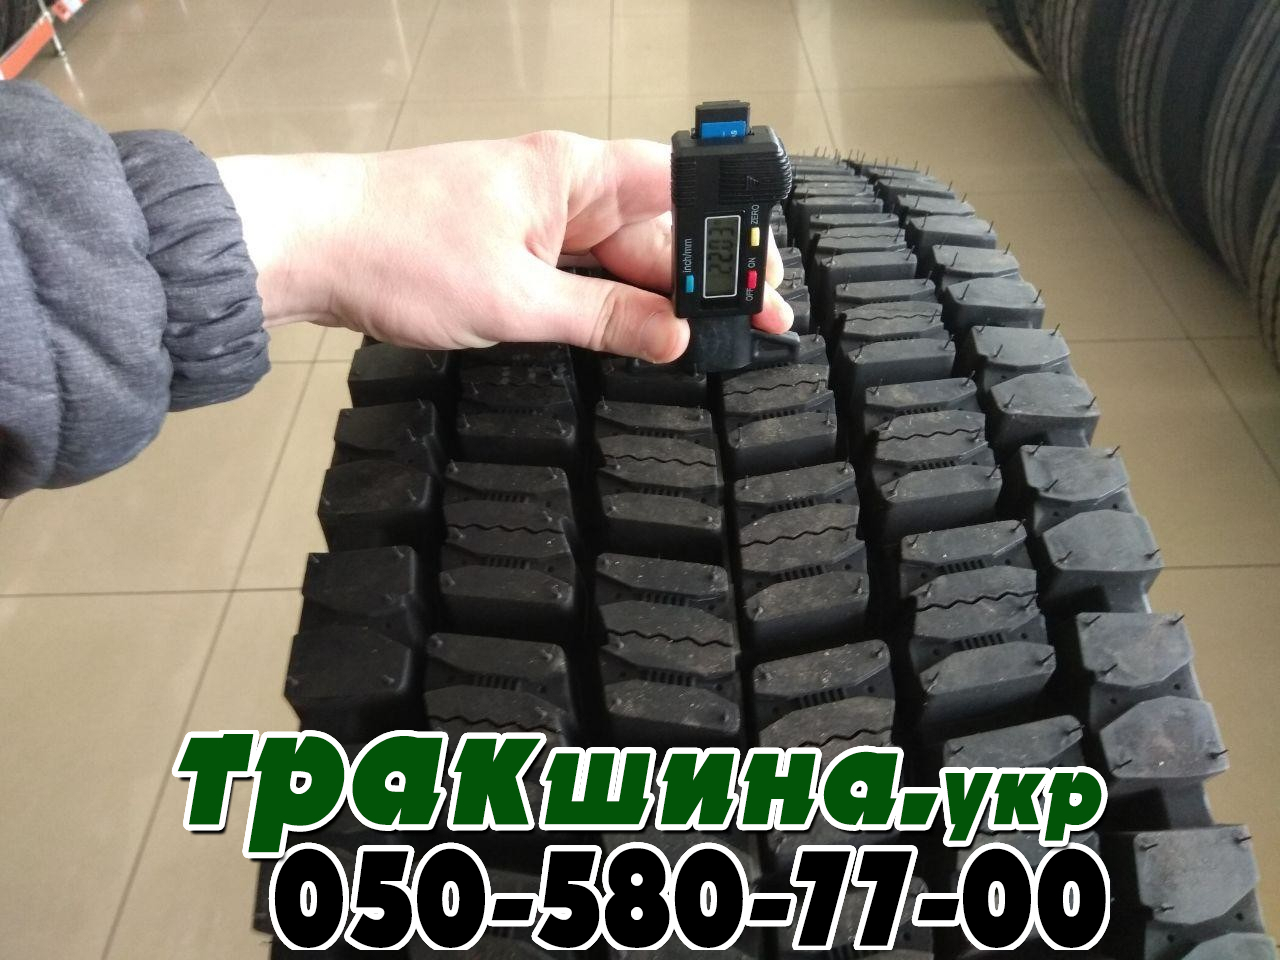 Глубина протектора грузовой китайской шины Windpower WDR37 315/80r22.5